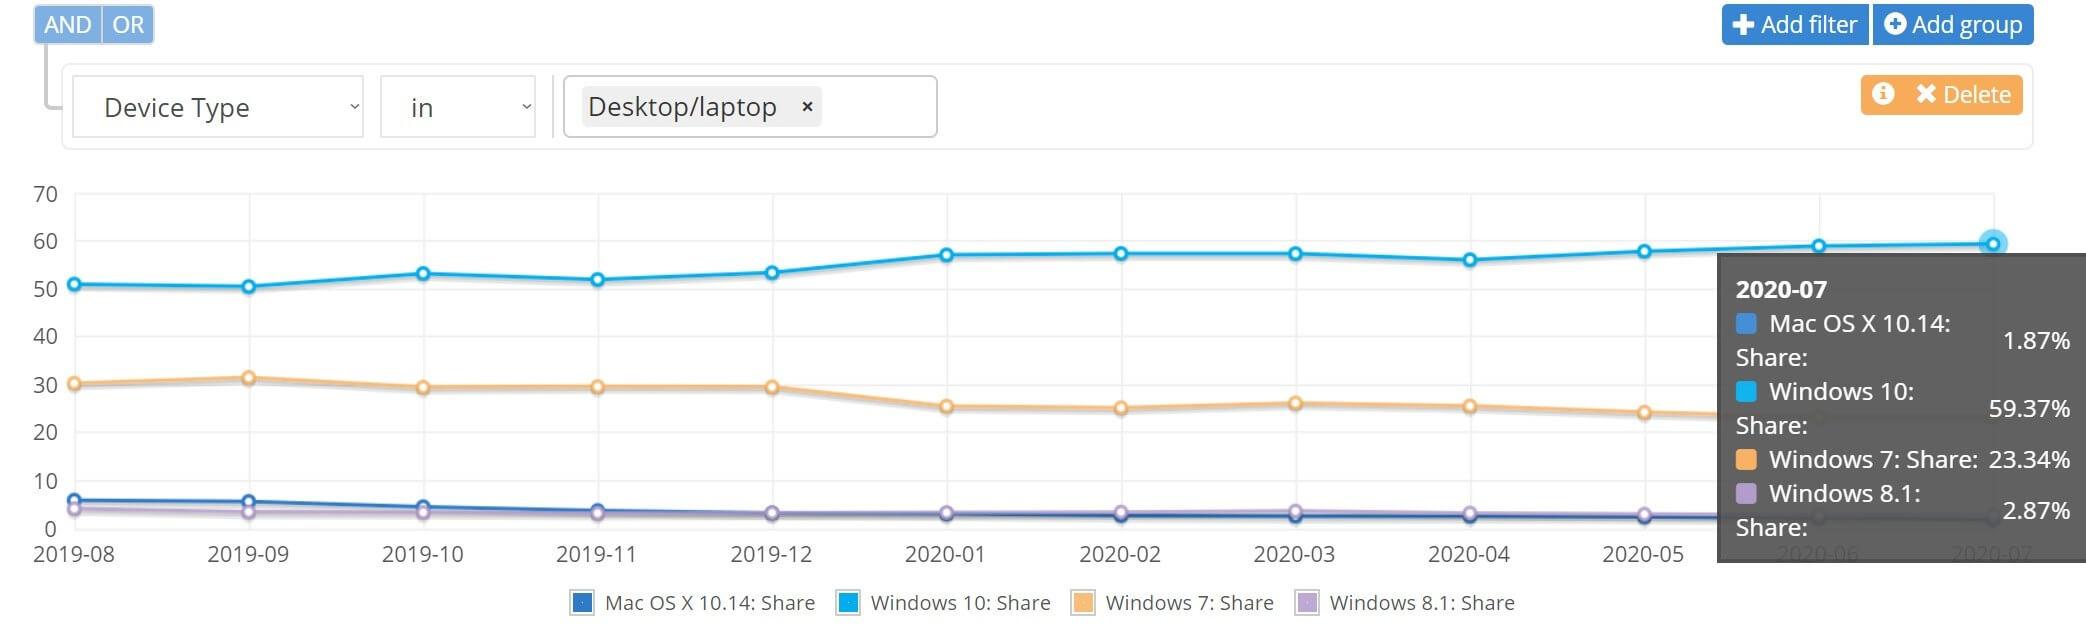 猜猜看目前 Windows 7 還有多少市佔率?還有近 25% 的裝置從沒升級過系統